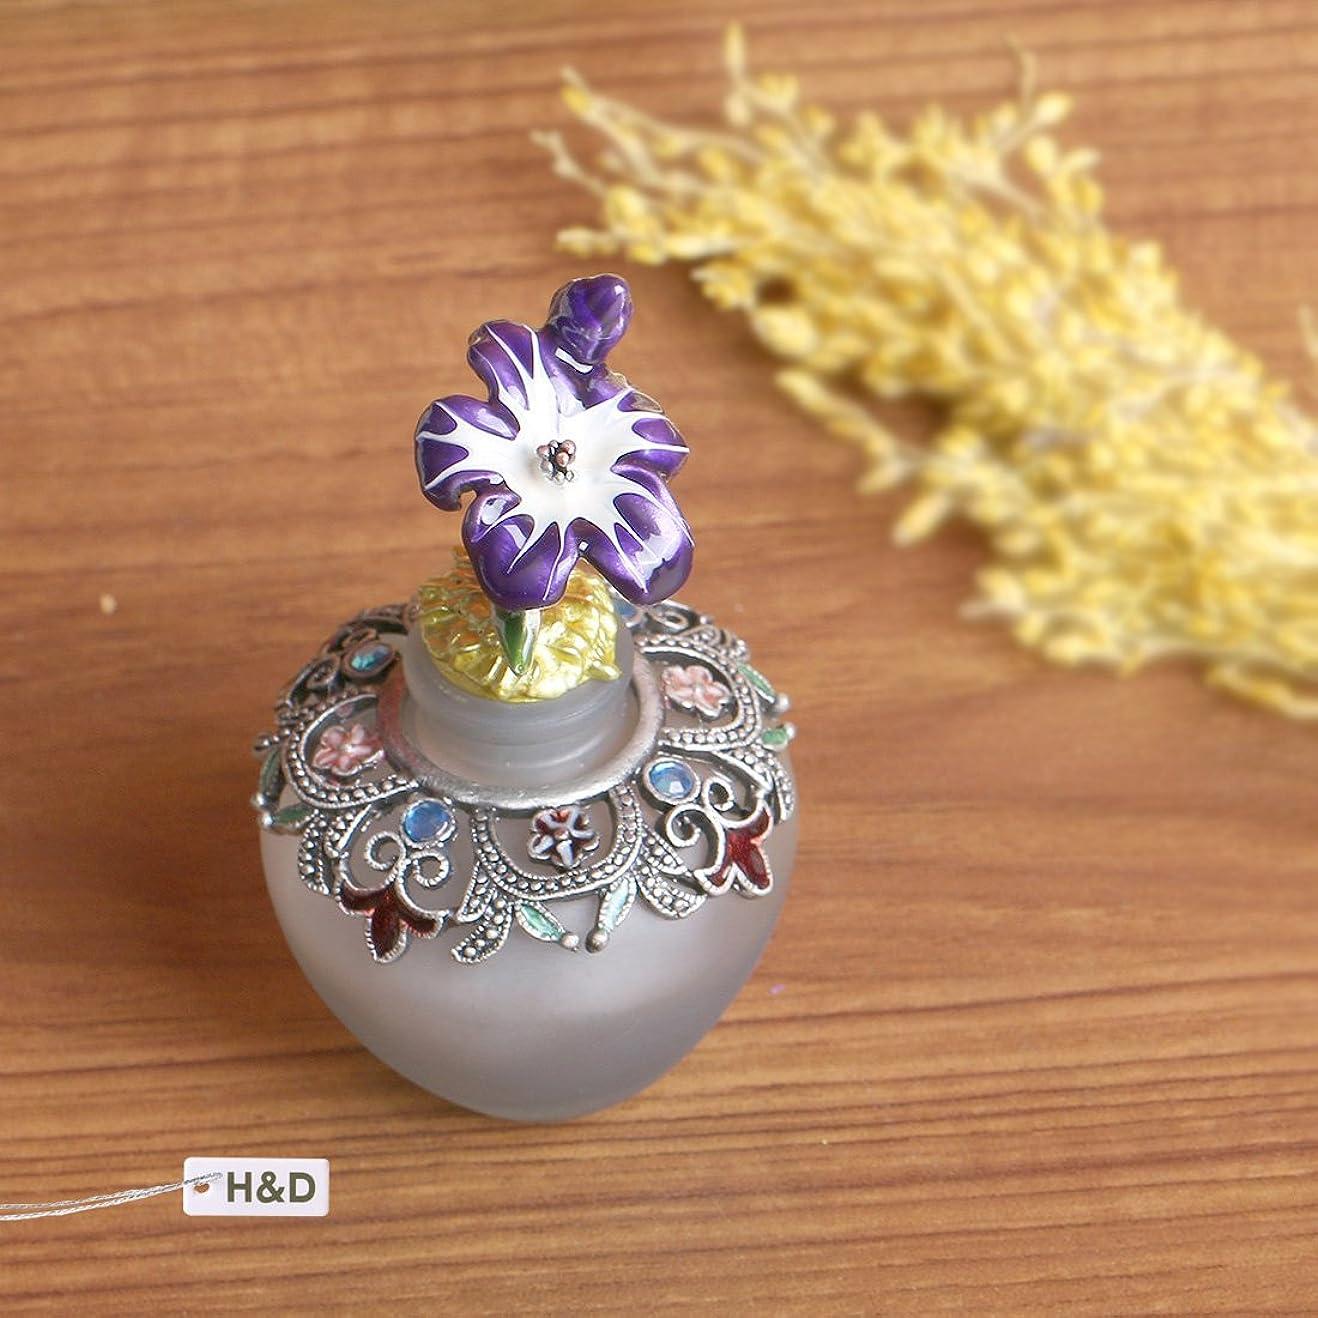 Hyaline&Dora 40ml クリスタル香水瓶 化粧水用瓶 空 フレグランスボトル 高級なプレゼント